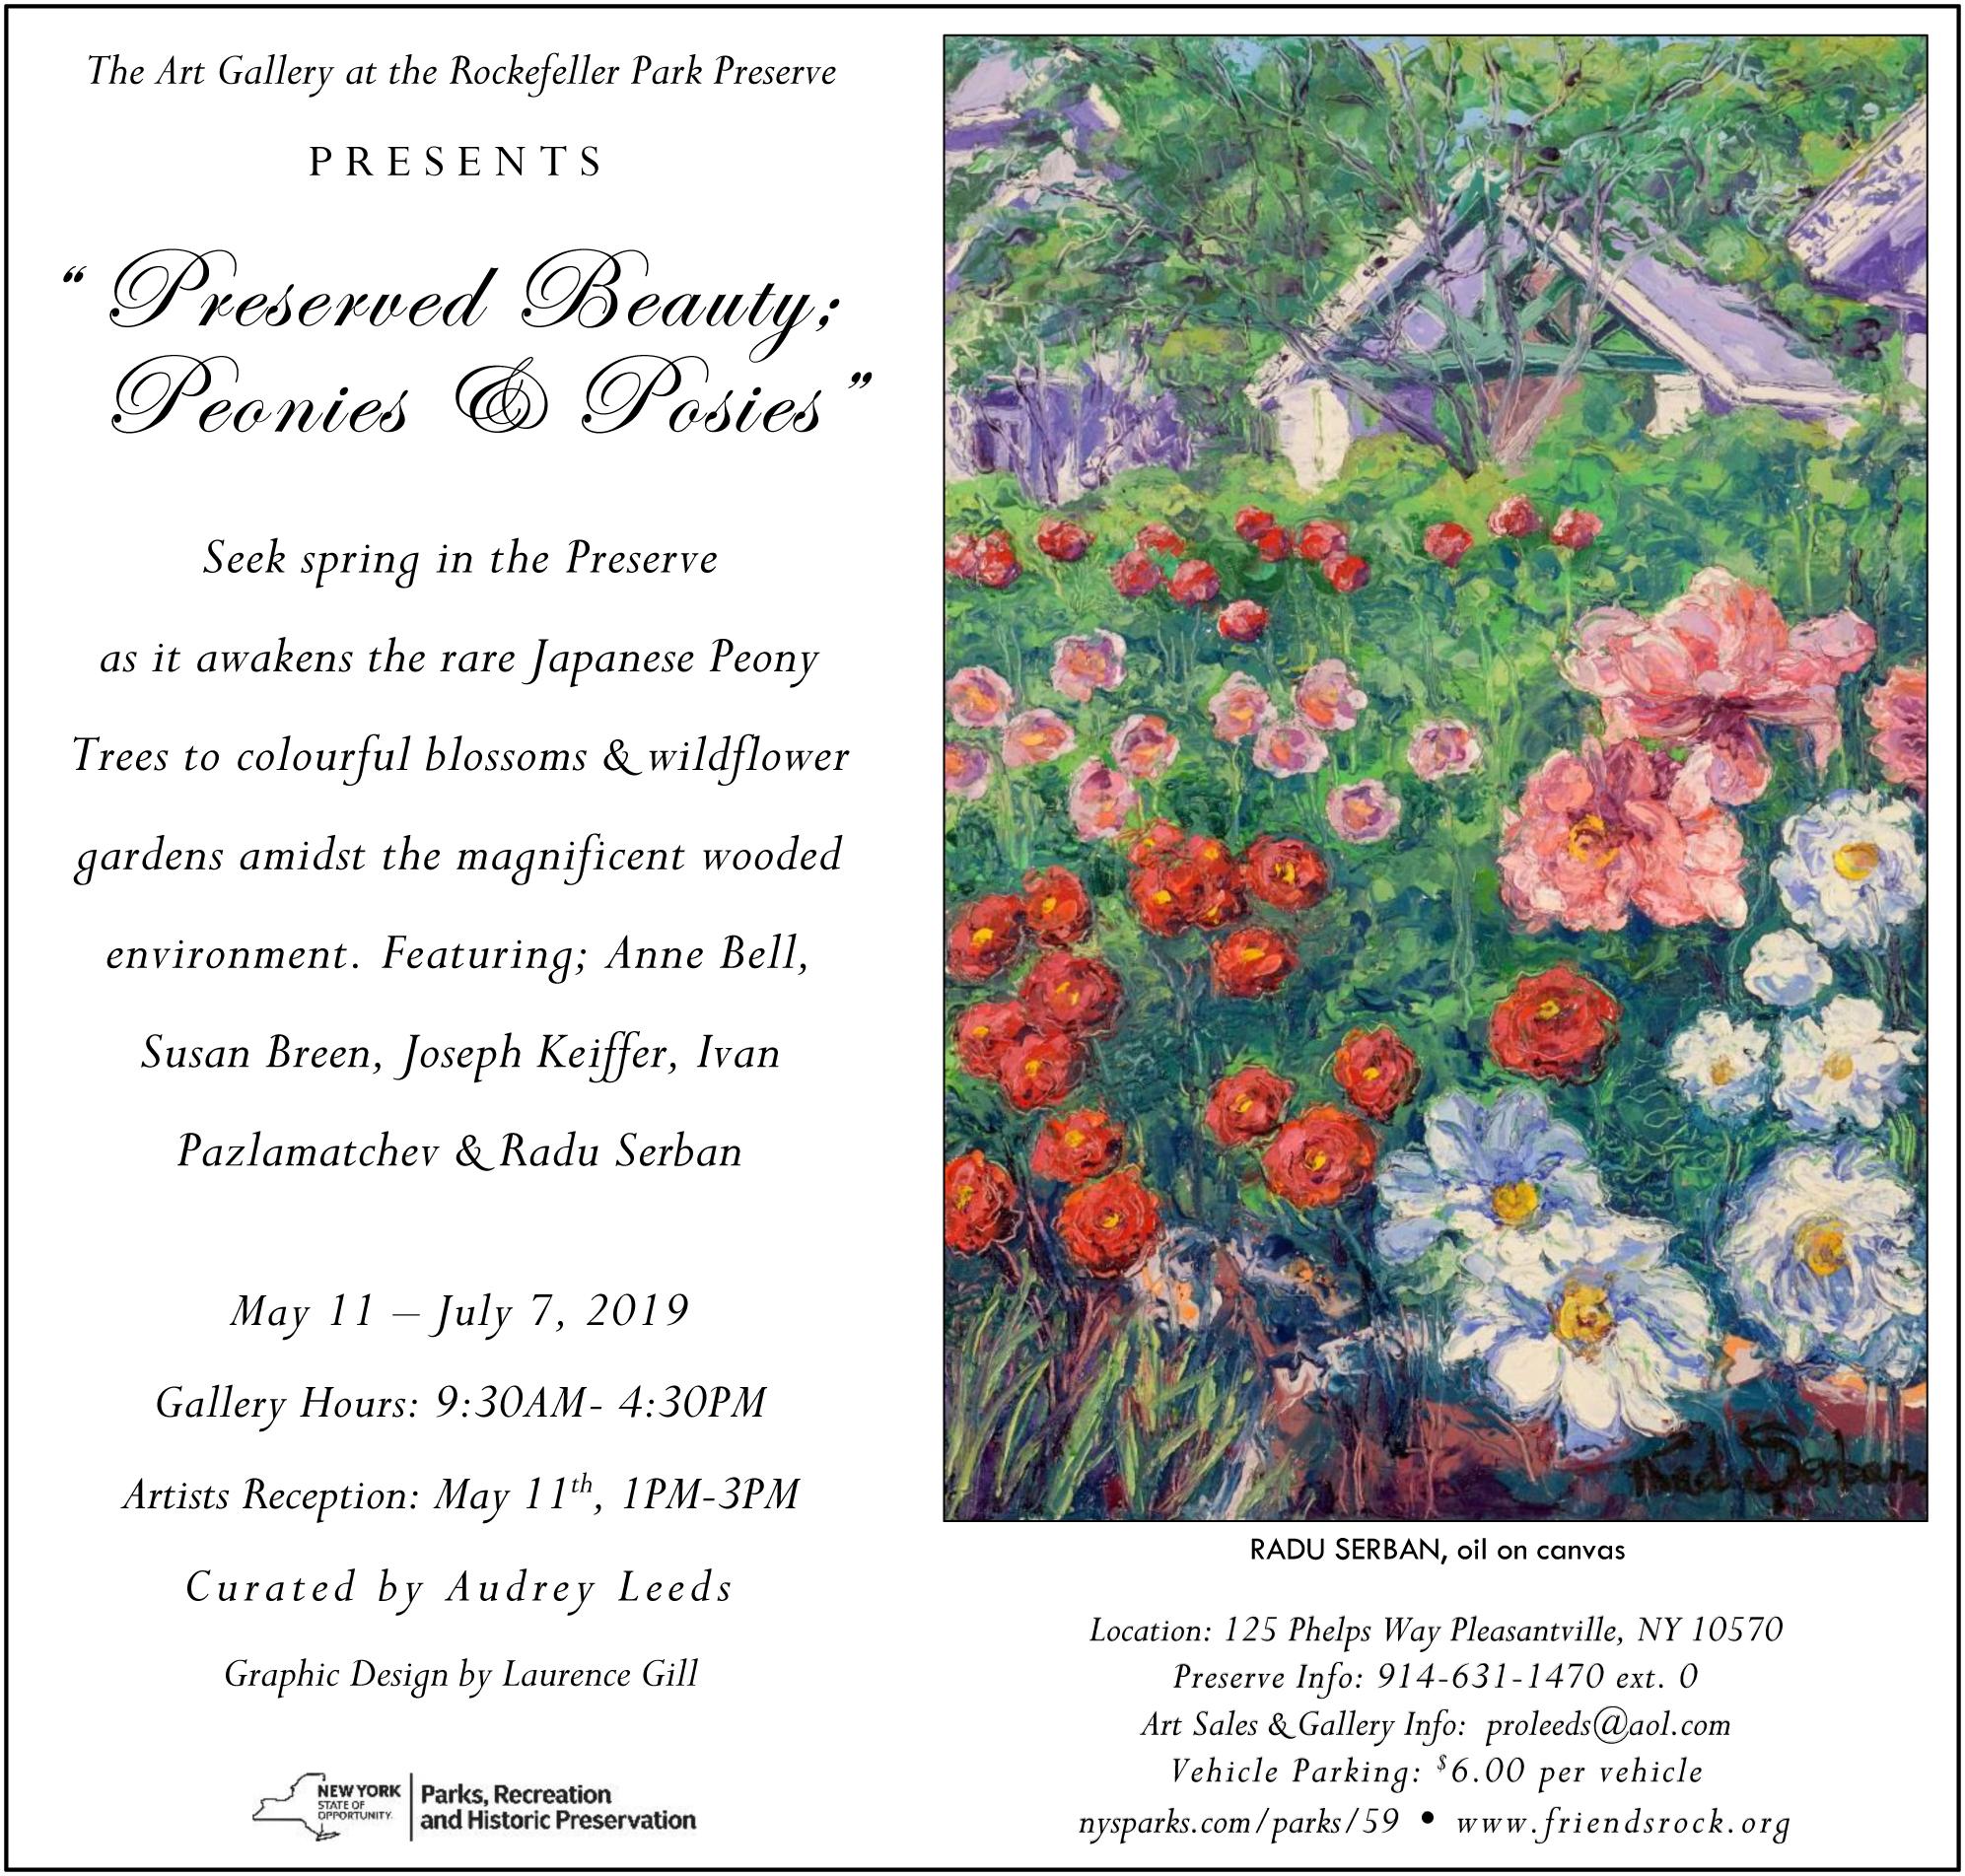 Preserved Beauty, Peonies & Posies